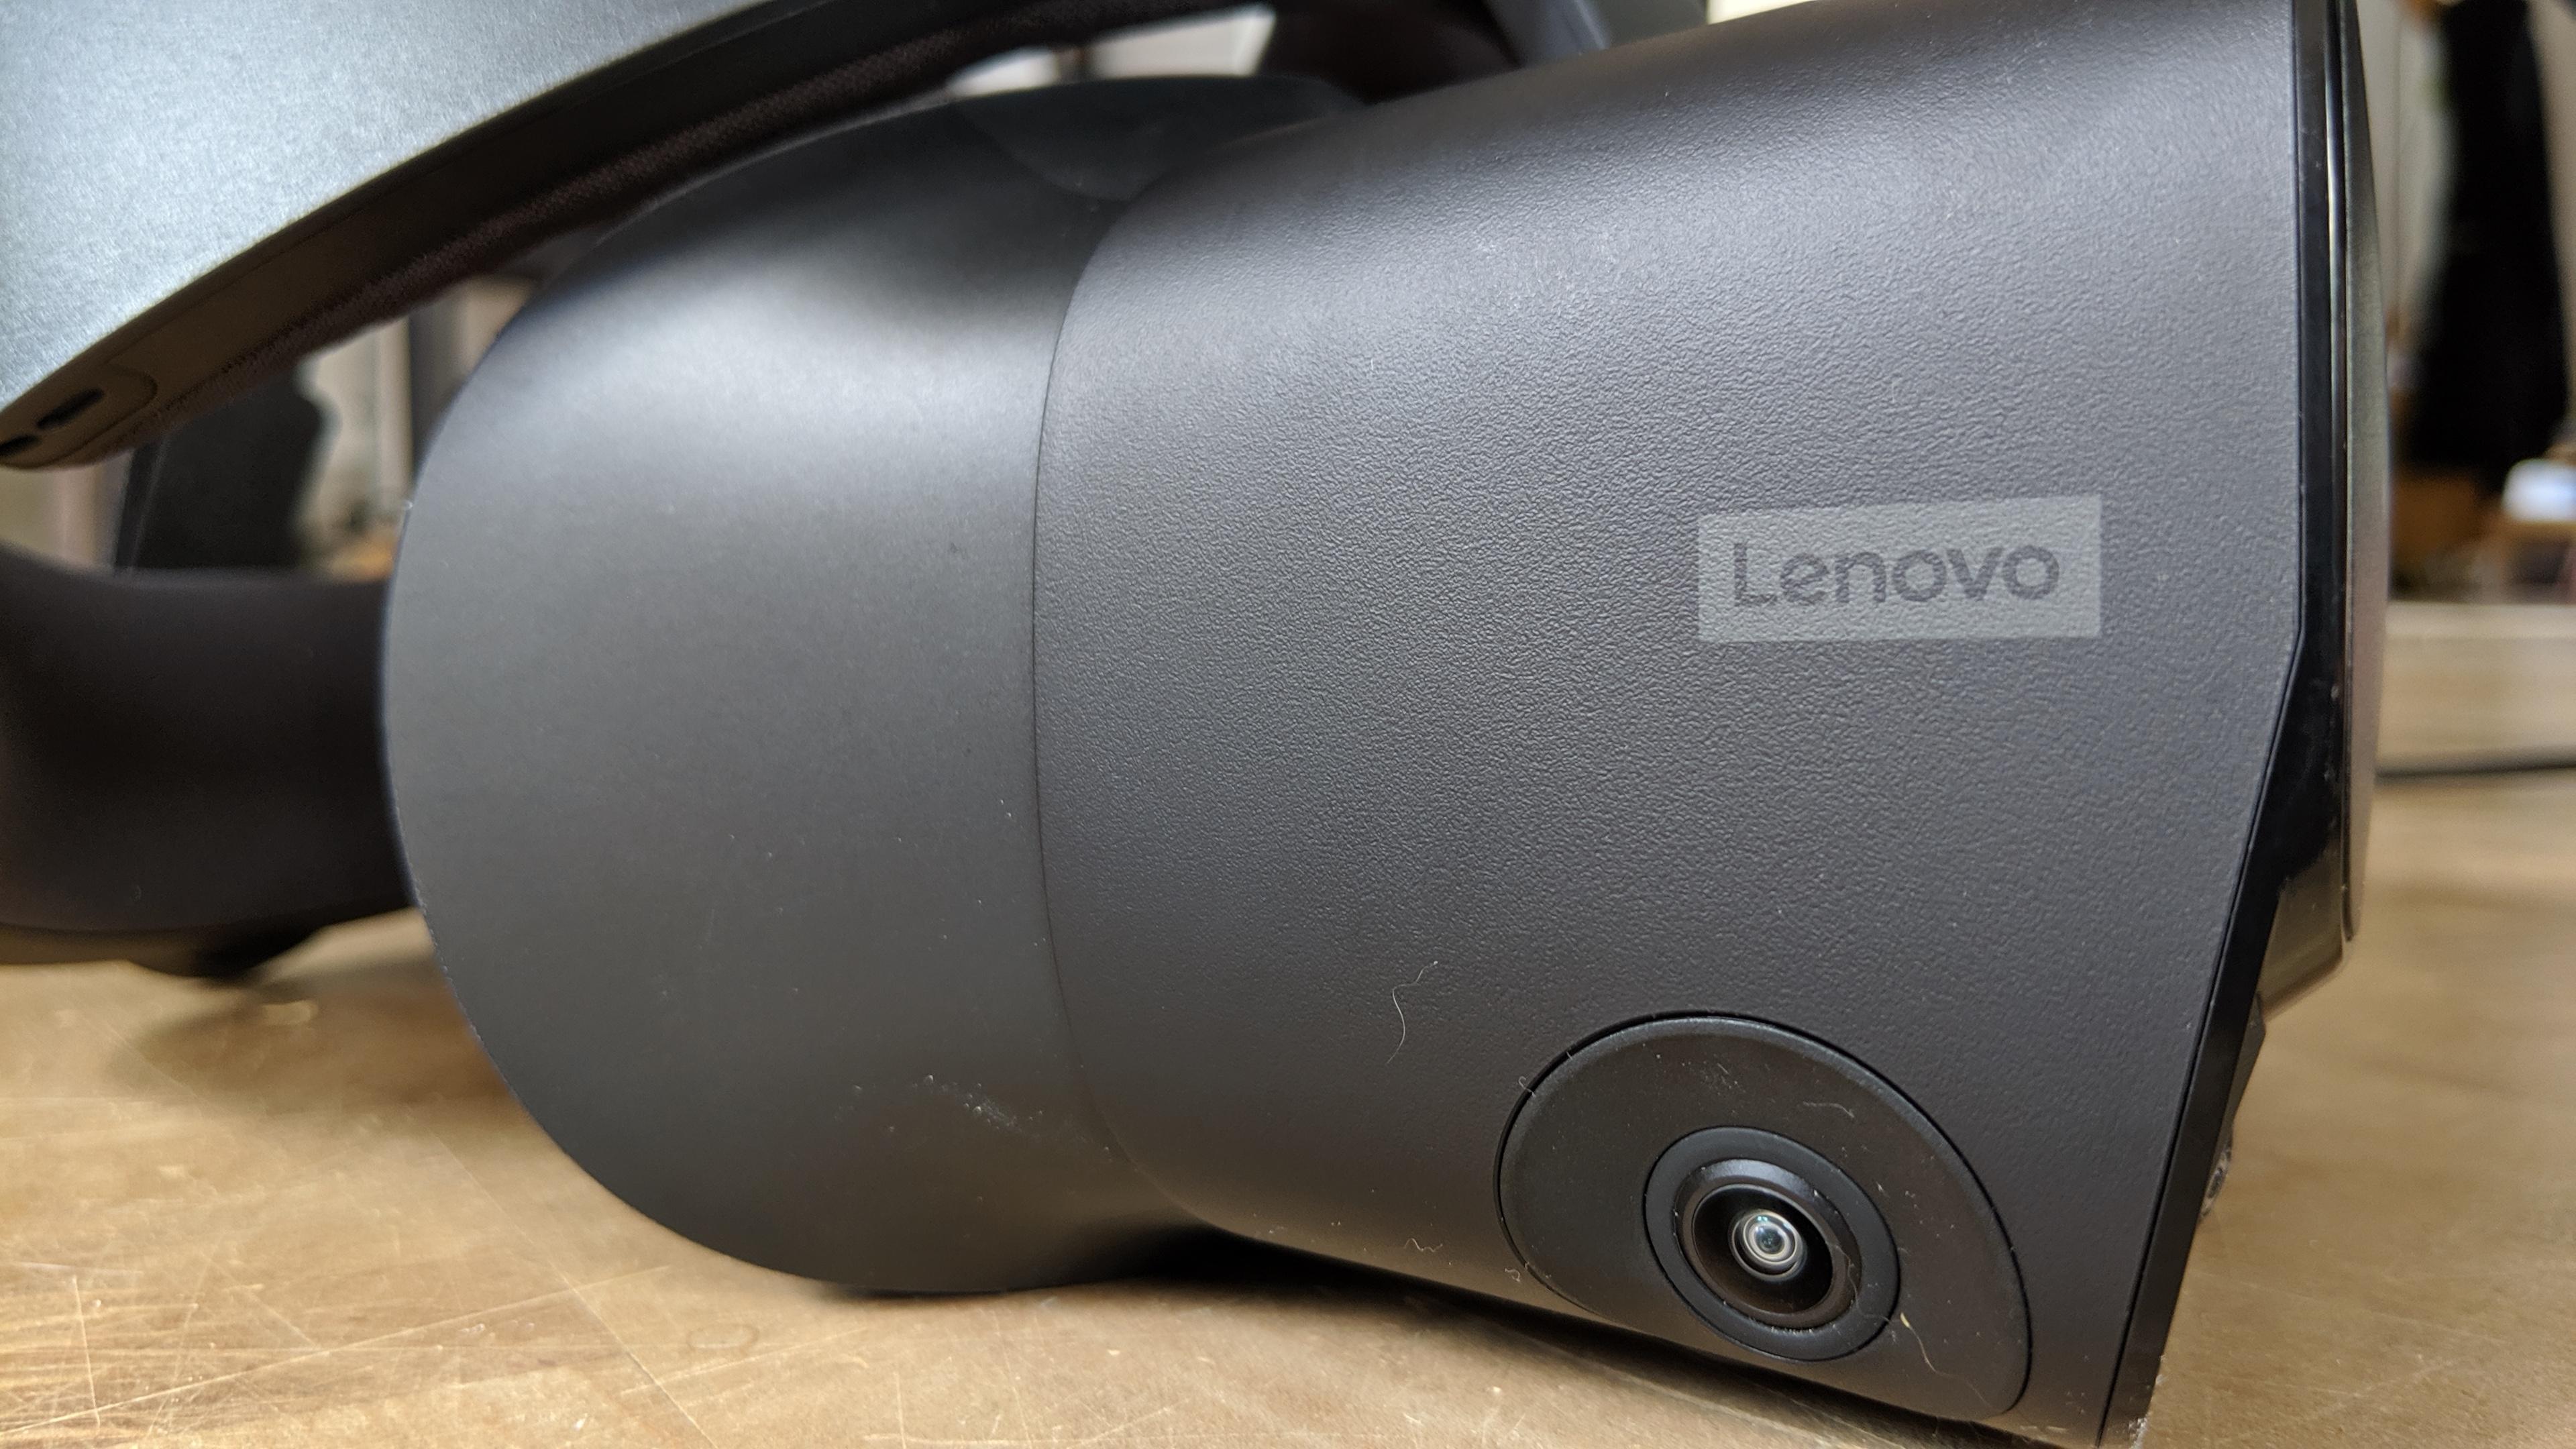 Oculus Rift S im Test – Bildeindruck, Komfort, technische Daten